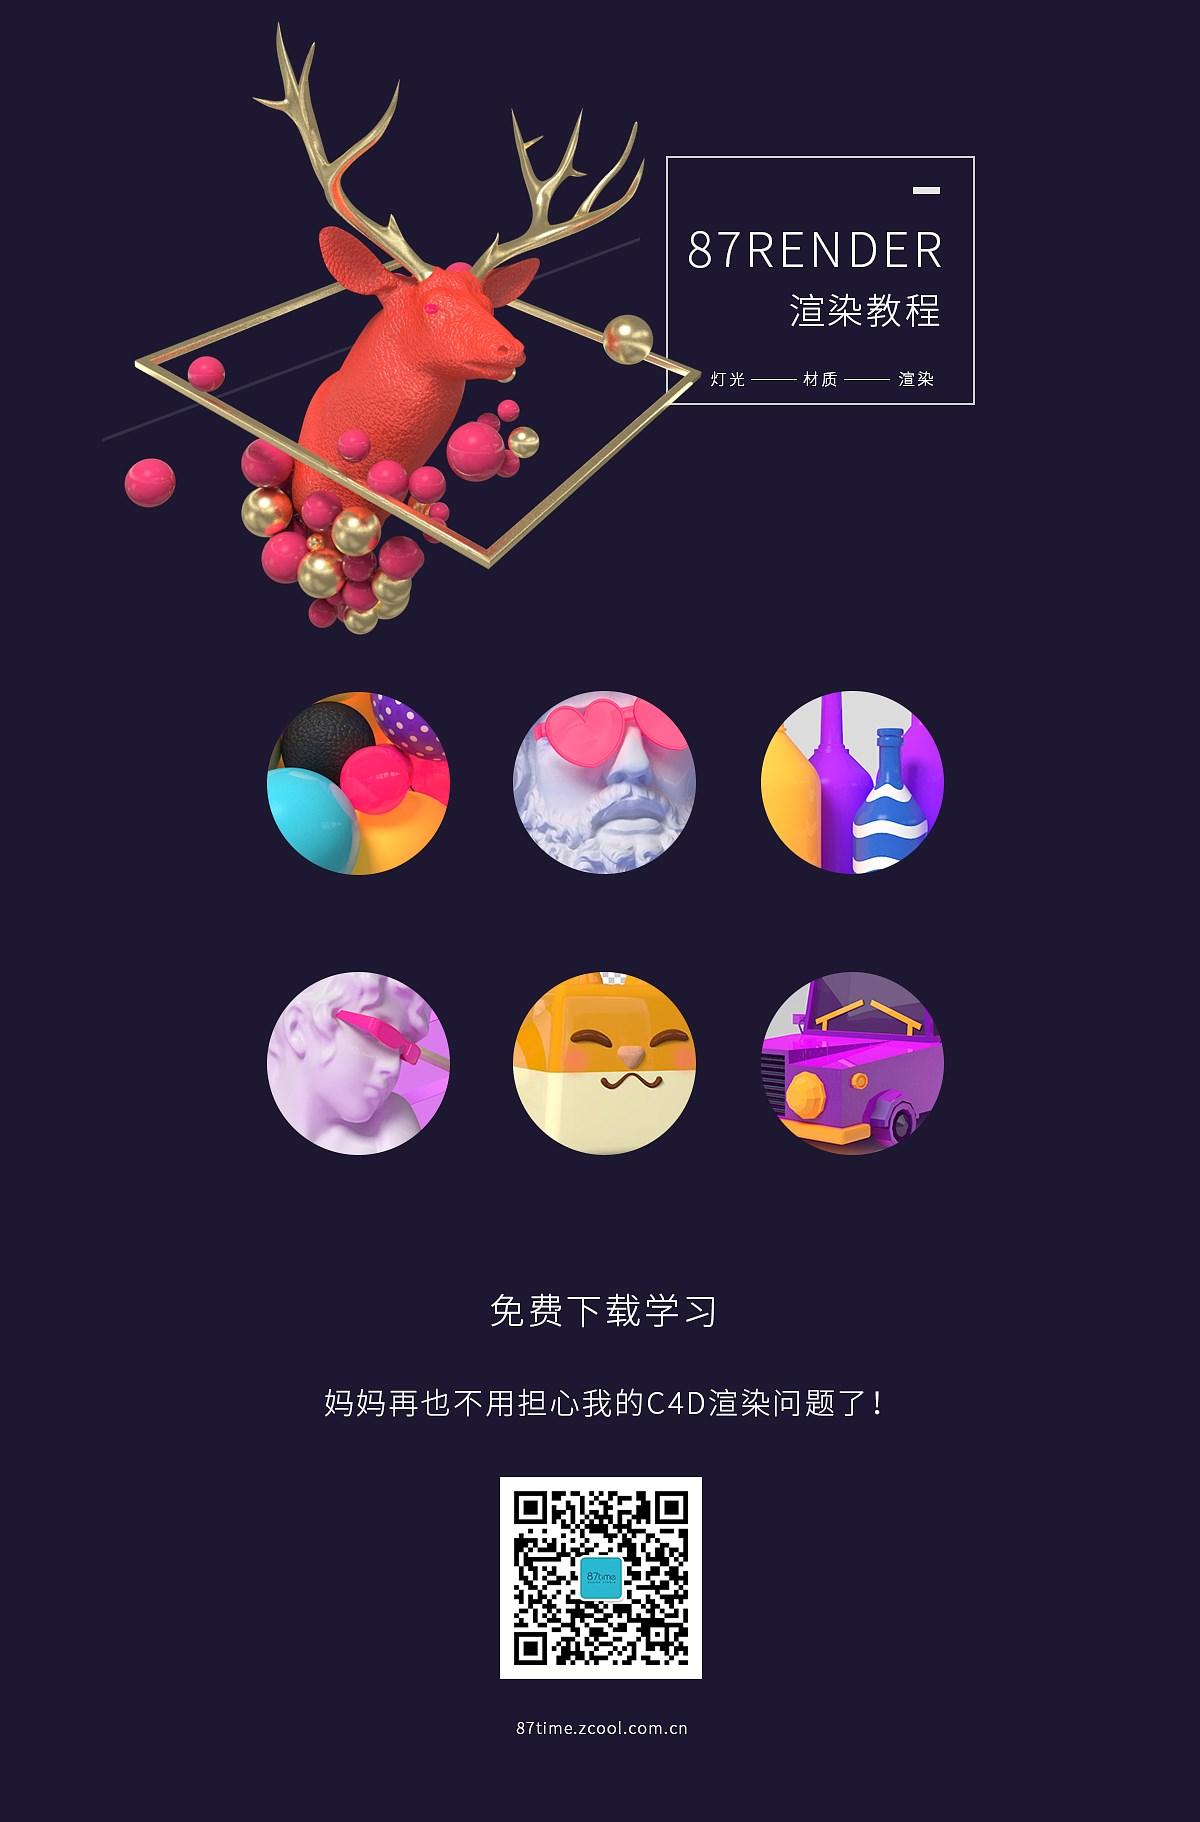 RENDER2.0 宣传海报.jpg